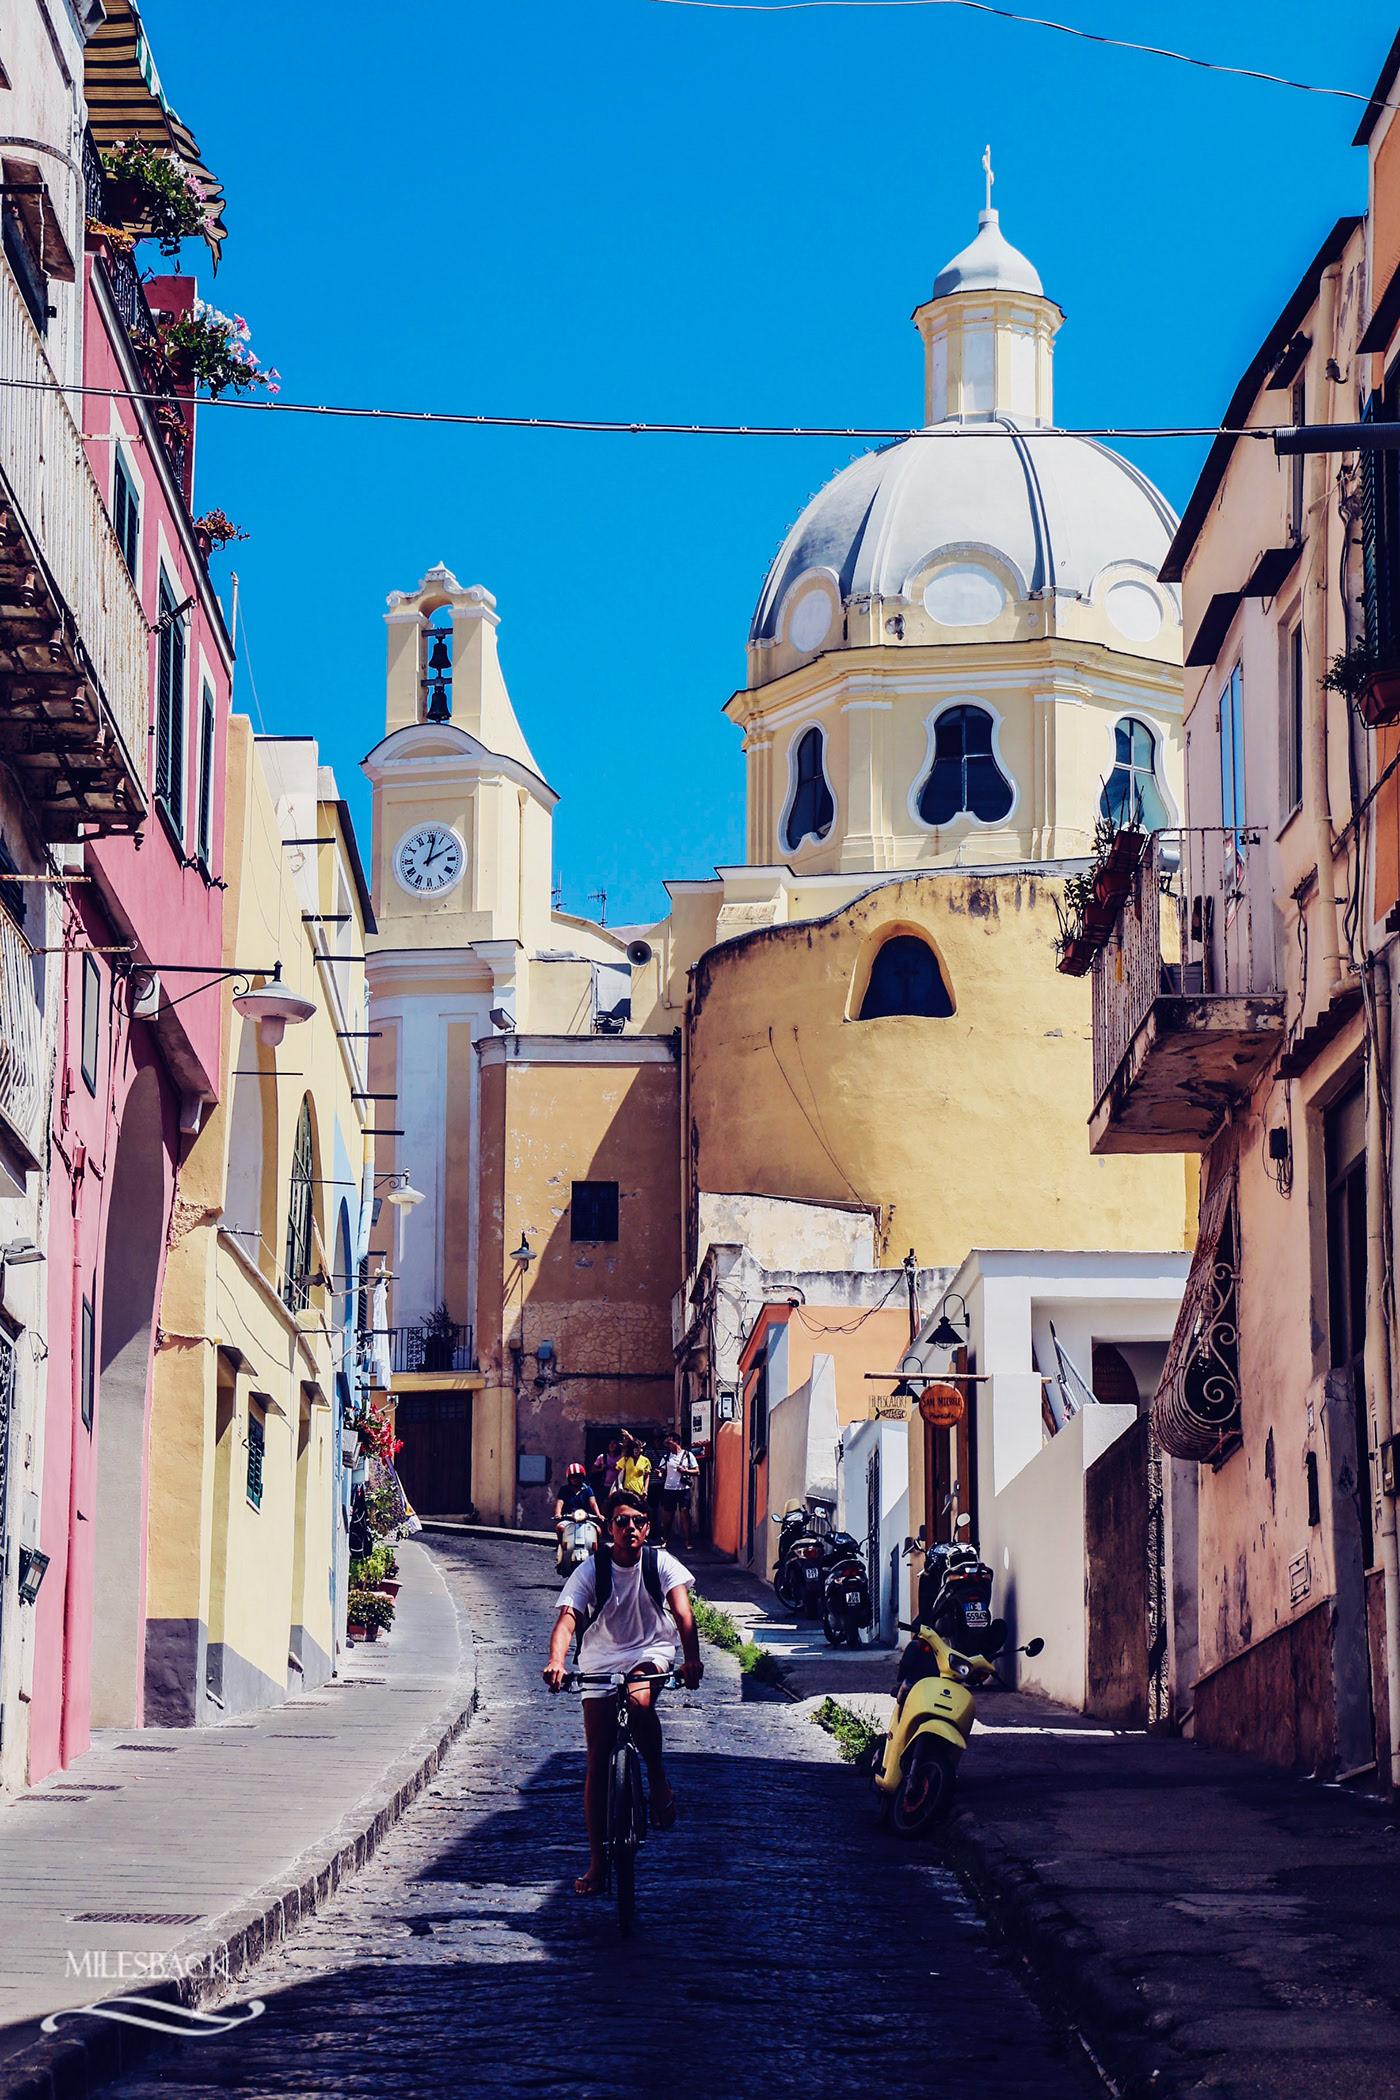 Procida, co warto zobaczyć w Kampanii, Procida co warto zobaczyć, jak się dostać na Procidę z Neapolu, zwiedzanie Procidy, Procida ciekawe miejsca, Procida co warto zobaczyć